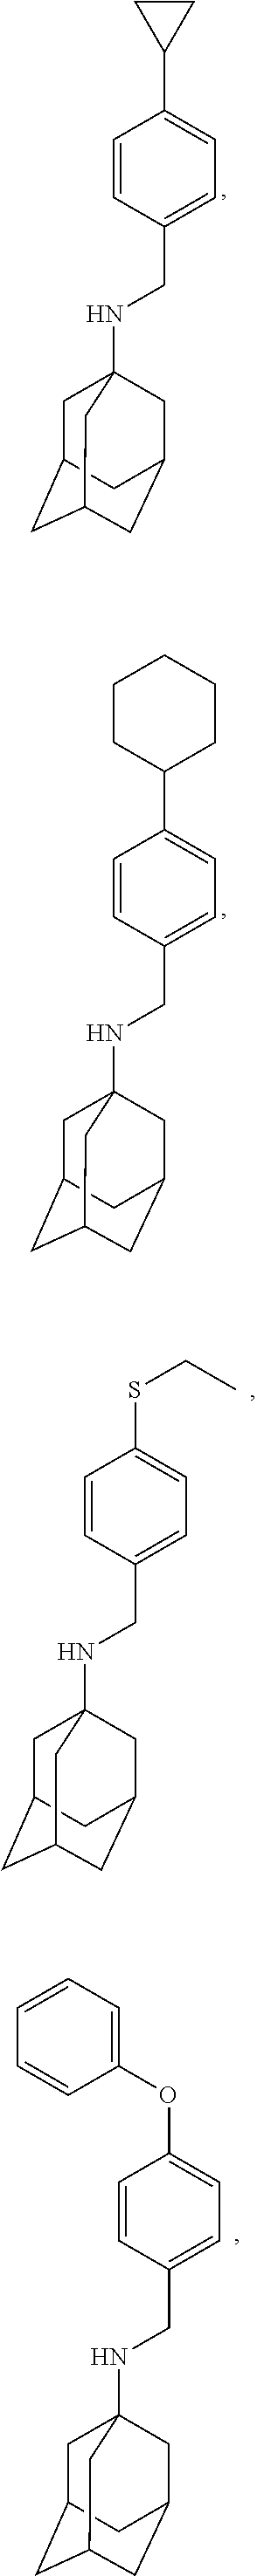 Figure US09884832-20180206-C00129